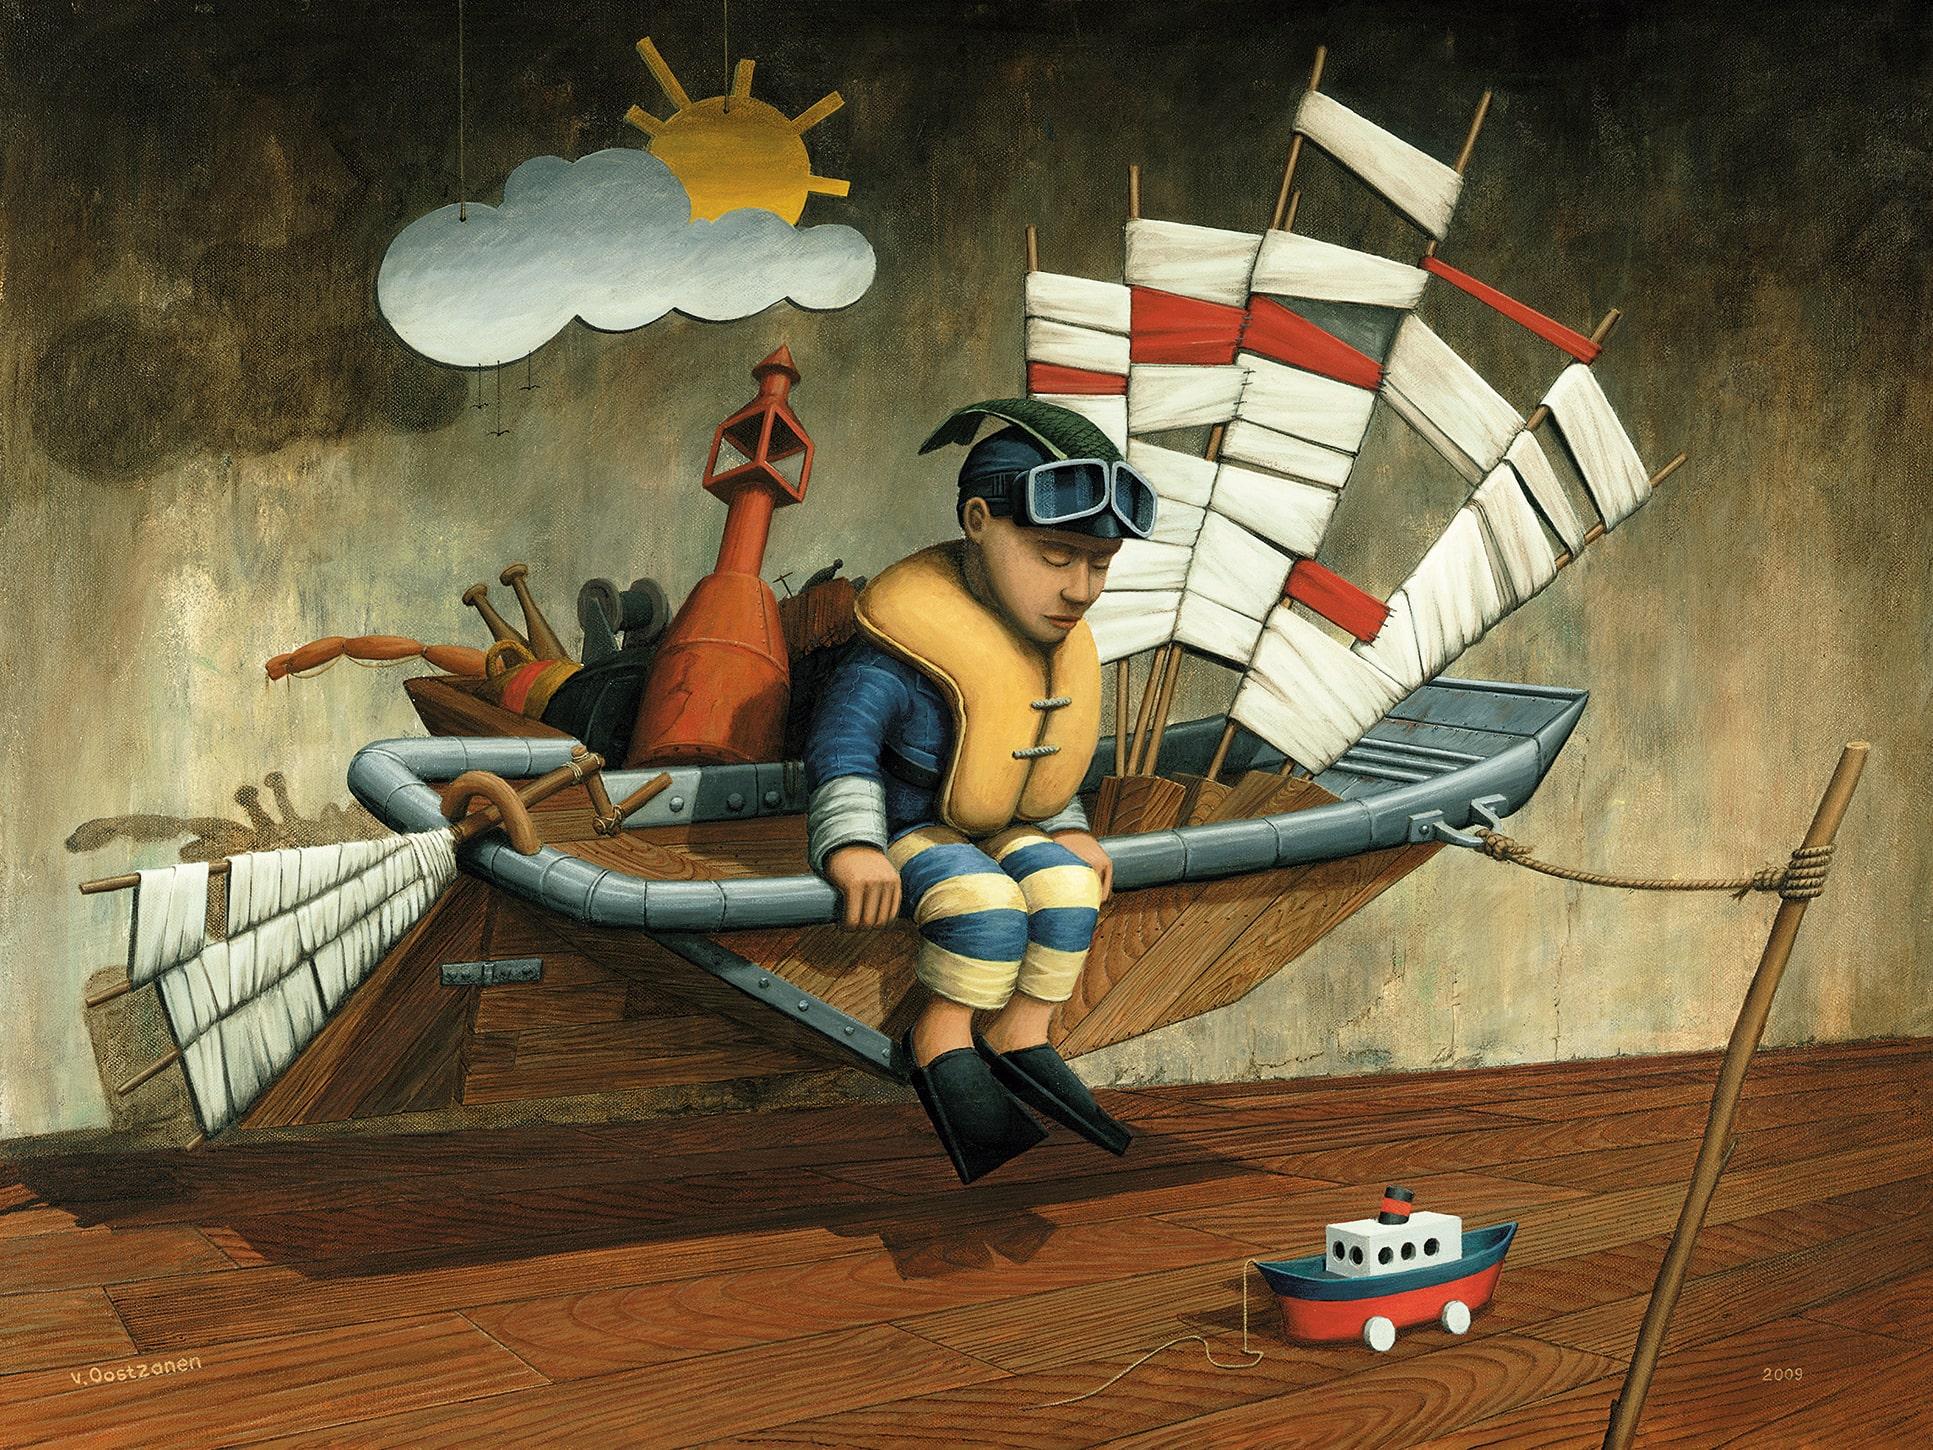 Bevoorrading van het moederschip - schilderij Peter van Oostzanen